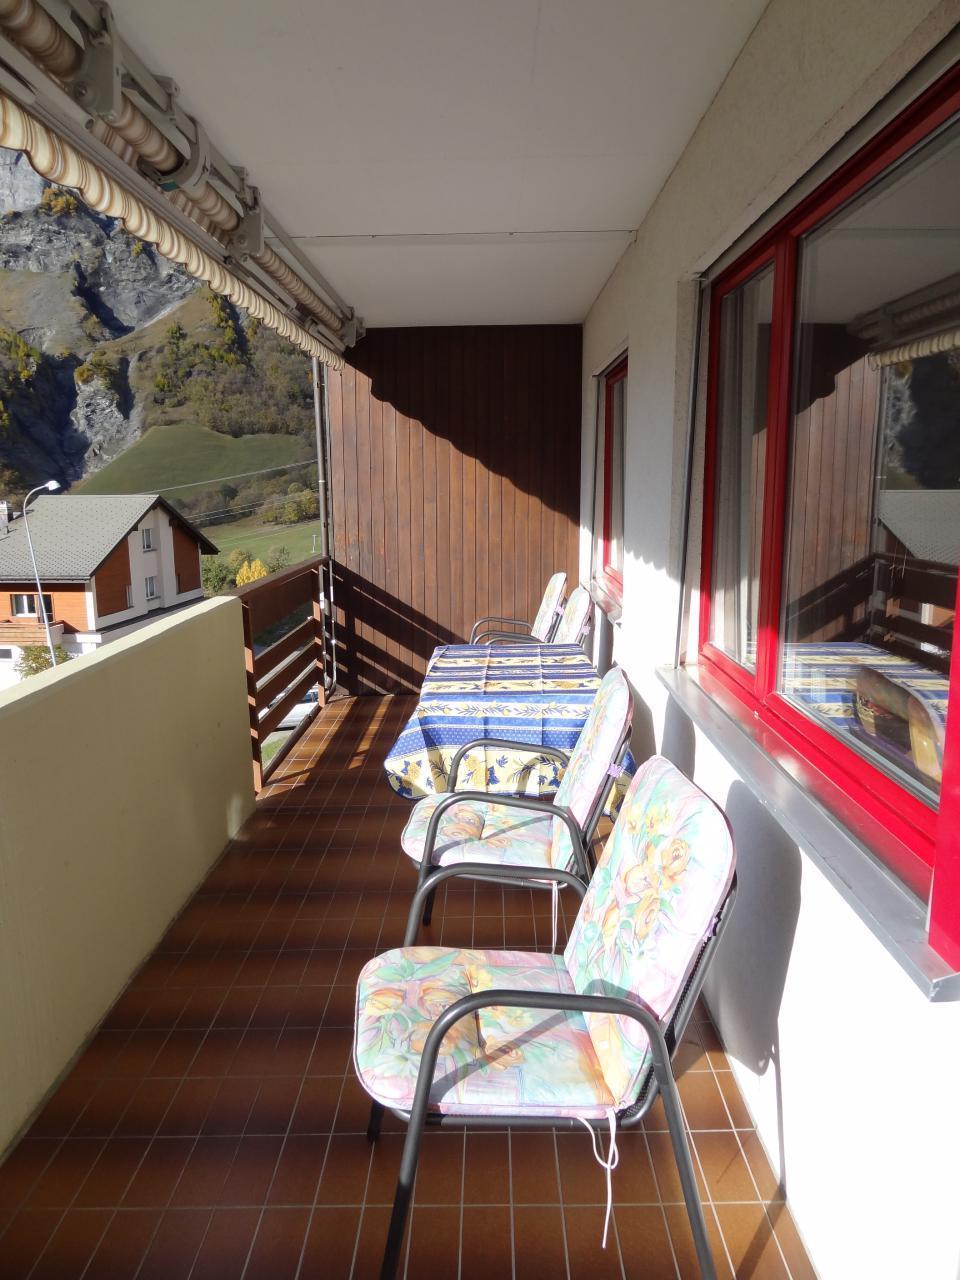 Ferienwohnung 2 1/2 Zimmer Familienwohnung (580225), Leukerbad, Leukerbad, Wallis, Schweiz, Bild 2